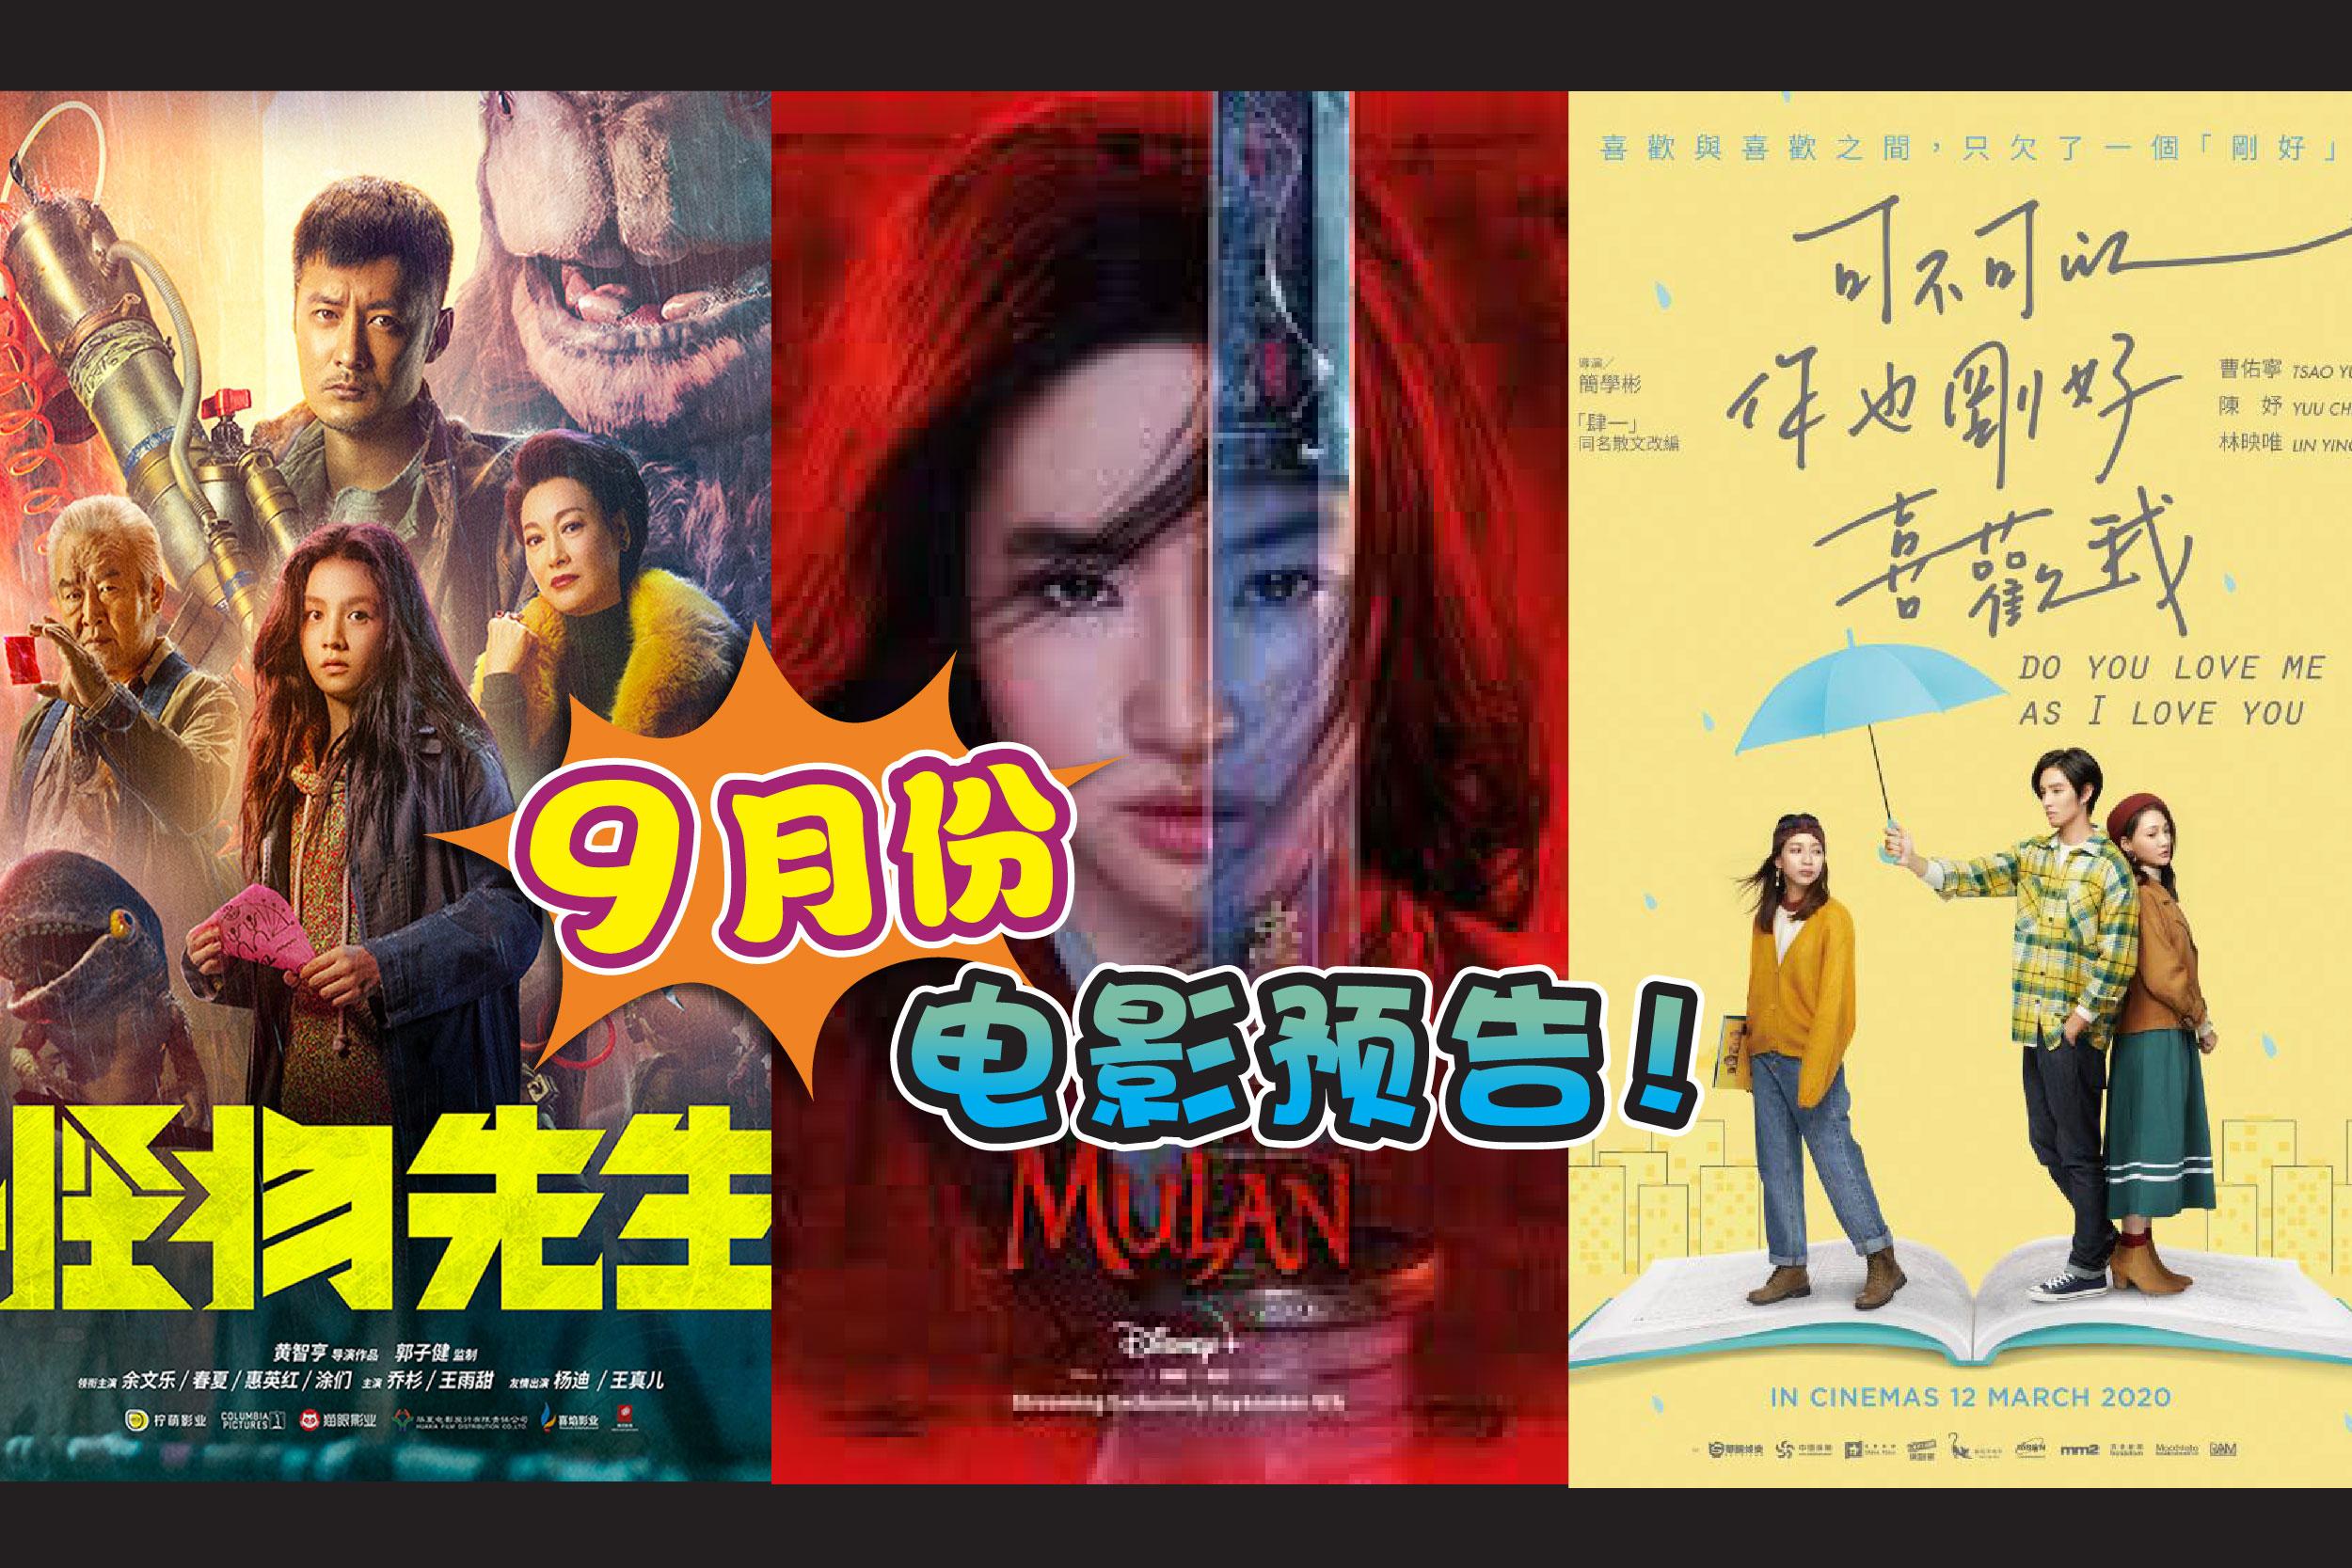 除了在8月尾上映的《Tenet》,各大影院9月份也迎来观众期待已久的花木兰真人版电影。-精彩大马制图-